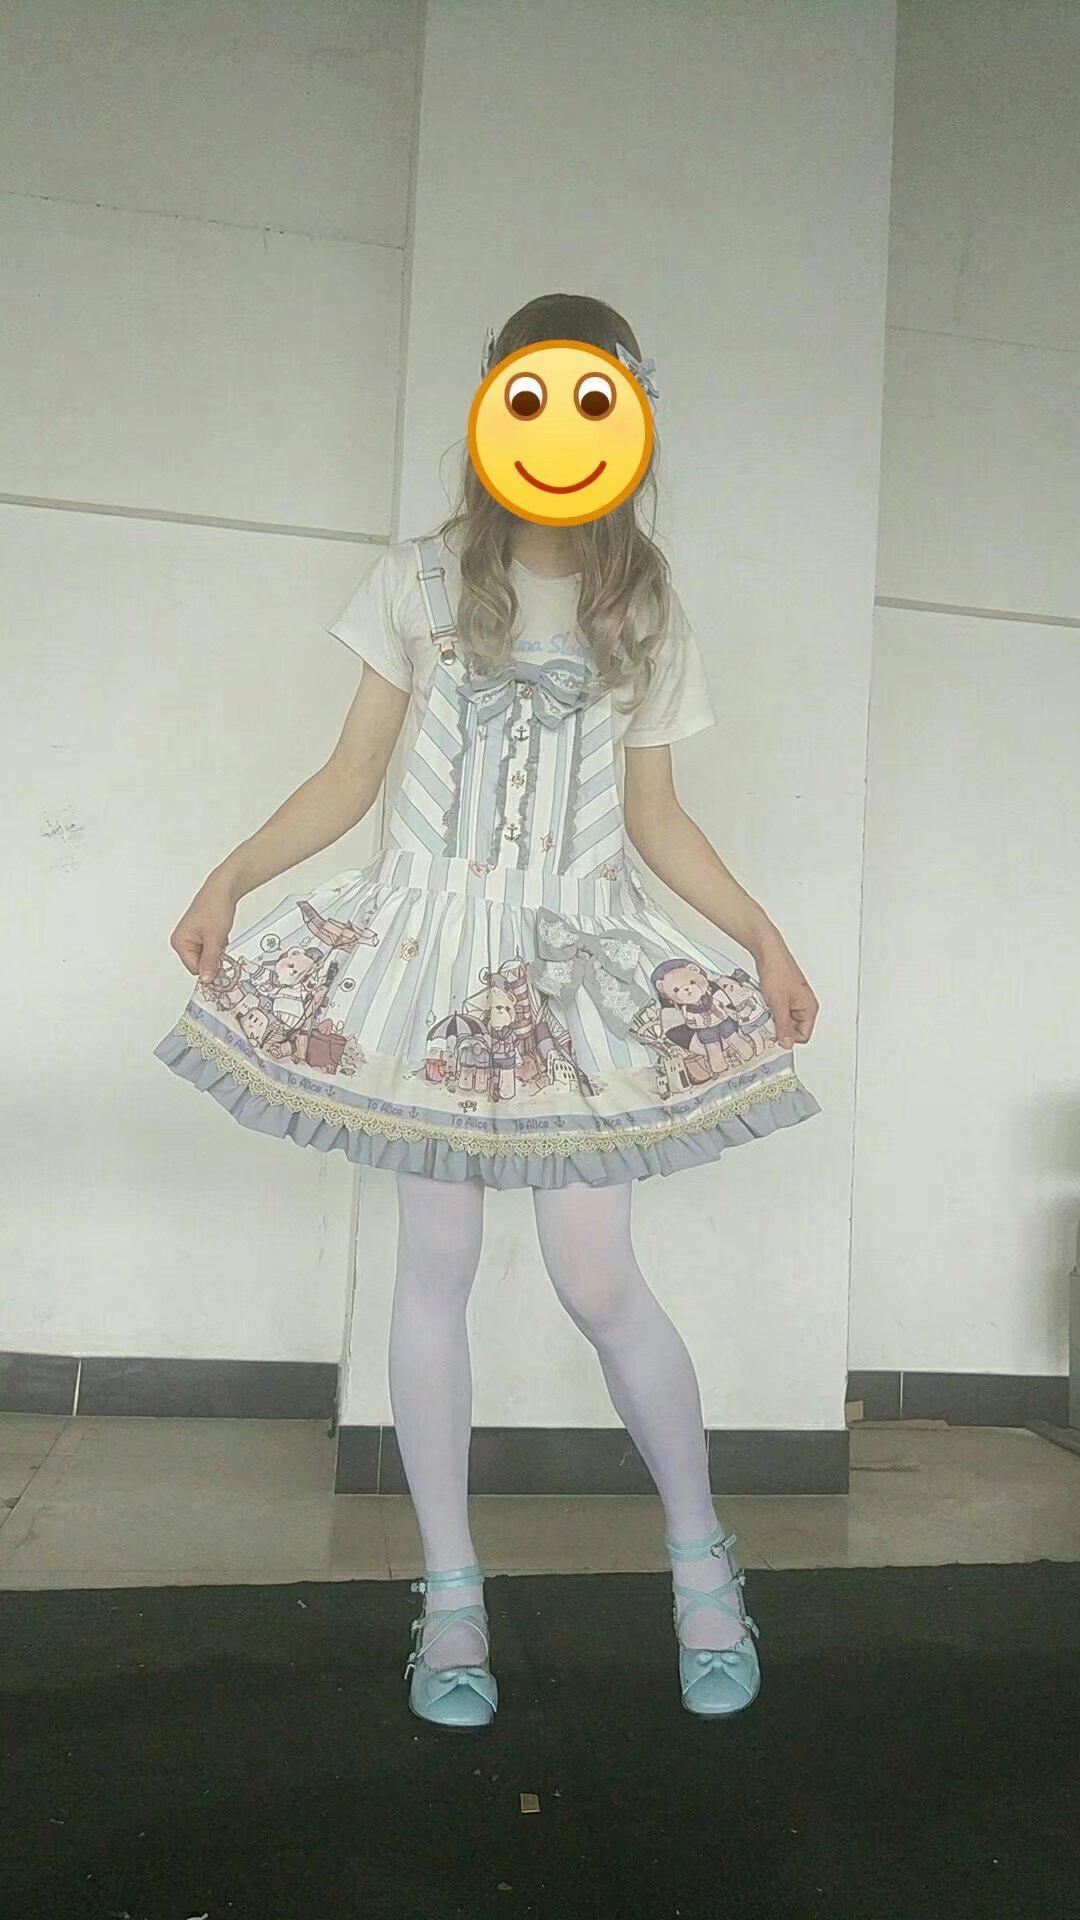 表情 女装大佬 喜欢Lolita小裙子的男孩子 AcFun弹幕视频网 认真你就输啦 ω  表情图片